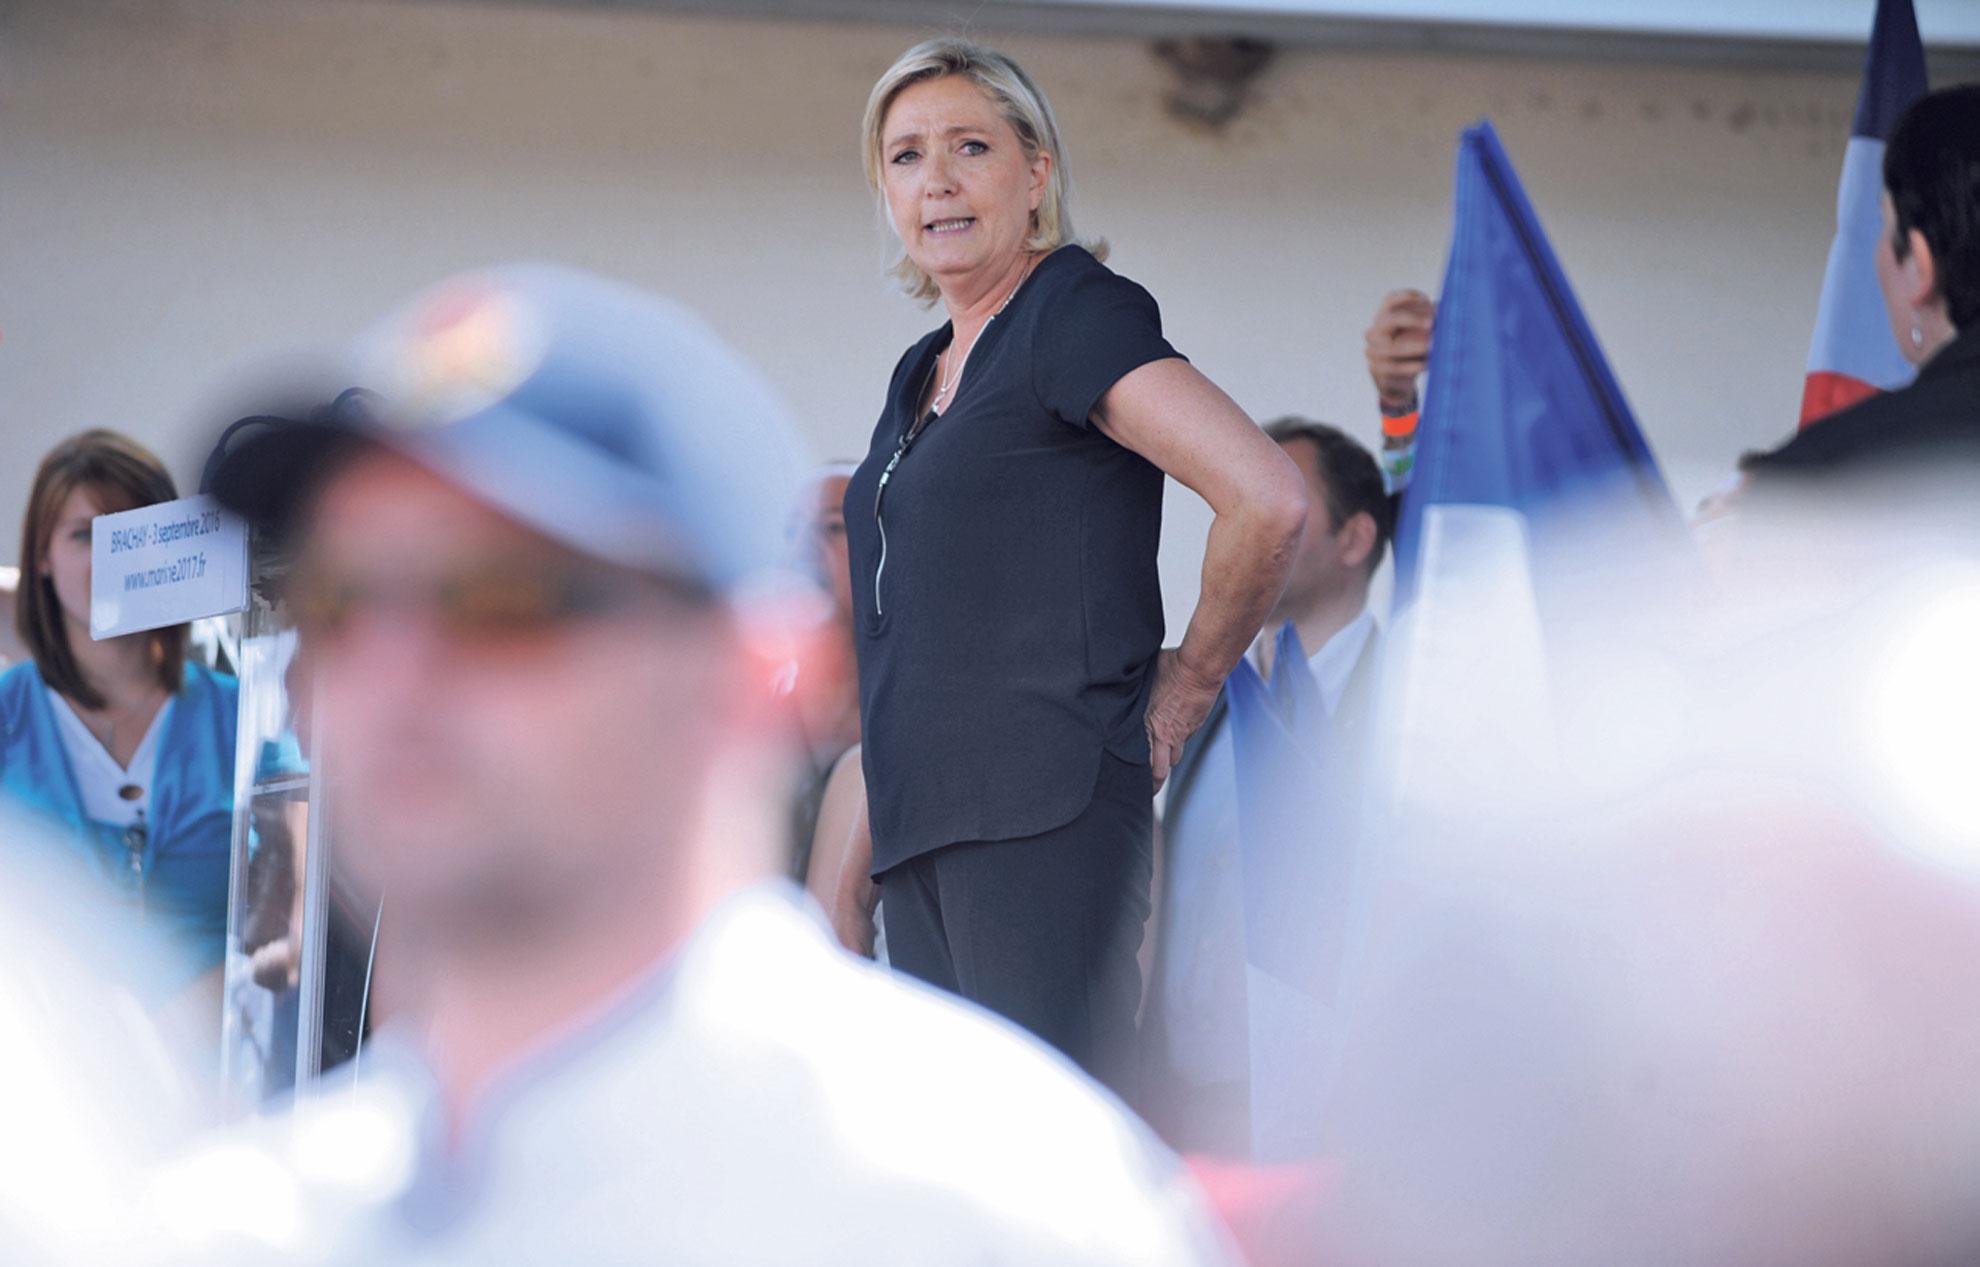 https   www.lejdd.fr Politique Macron-tacle-les-vrais-cyniques-qui ... c0998220ba3